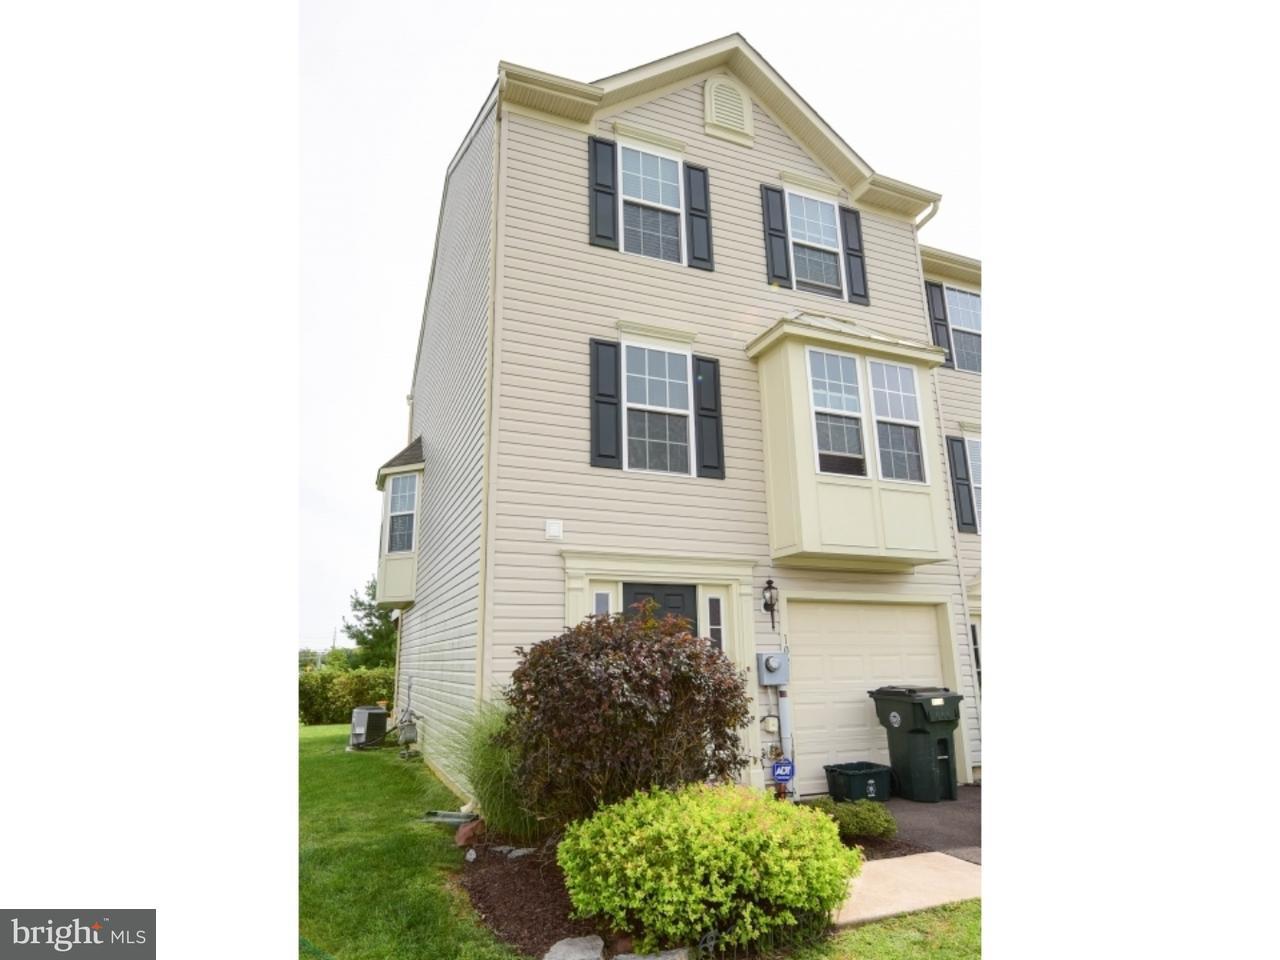 Casa unifamiliar adosada (Townhouse) por un Venta en 1024 SPARROW WAY Breinigsville, Pennsylvania 18031 Estados Unidos